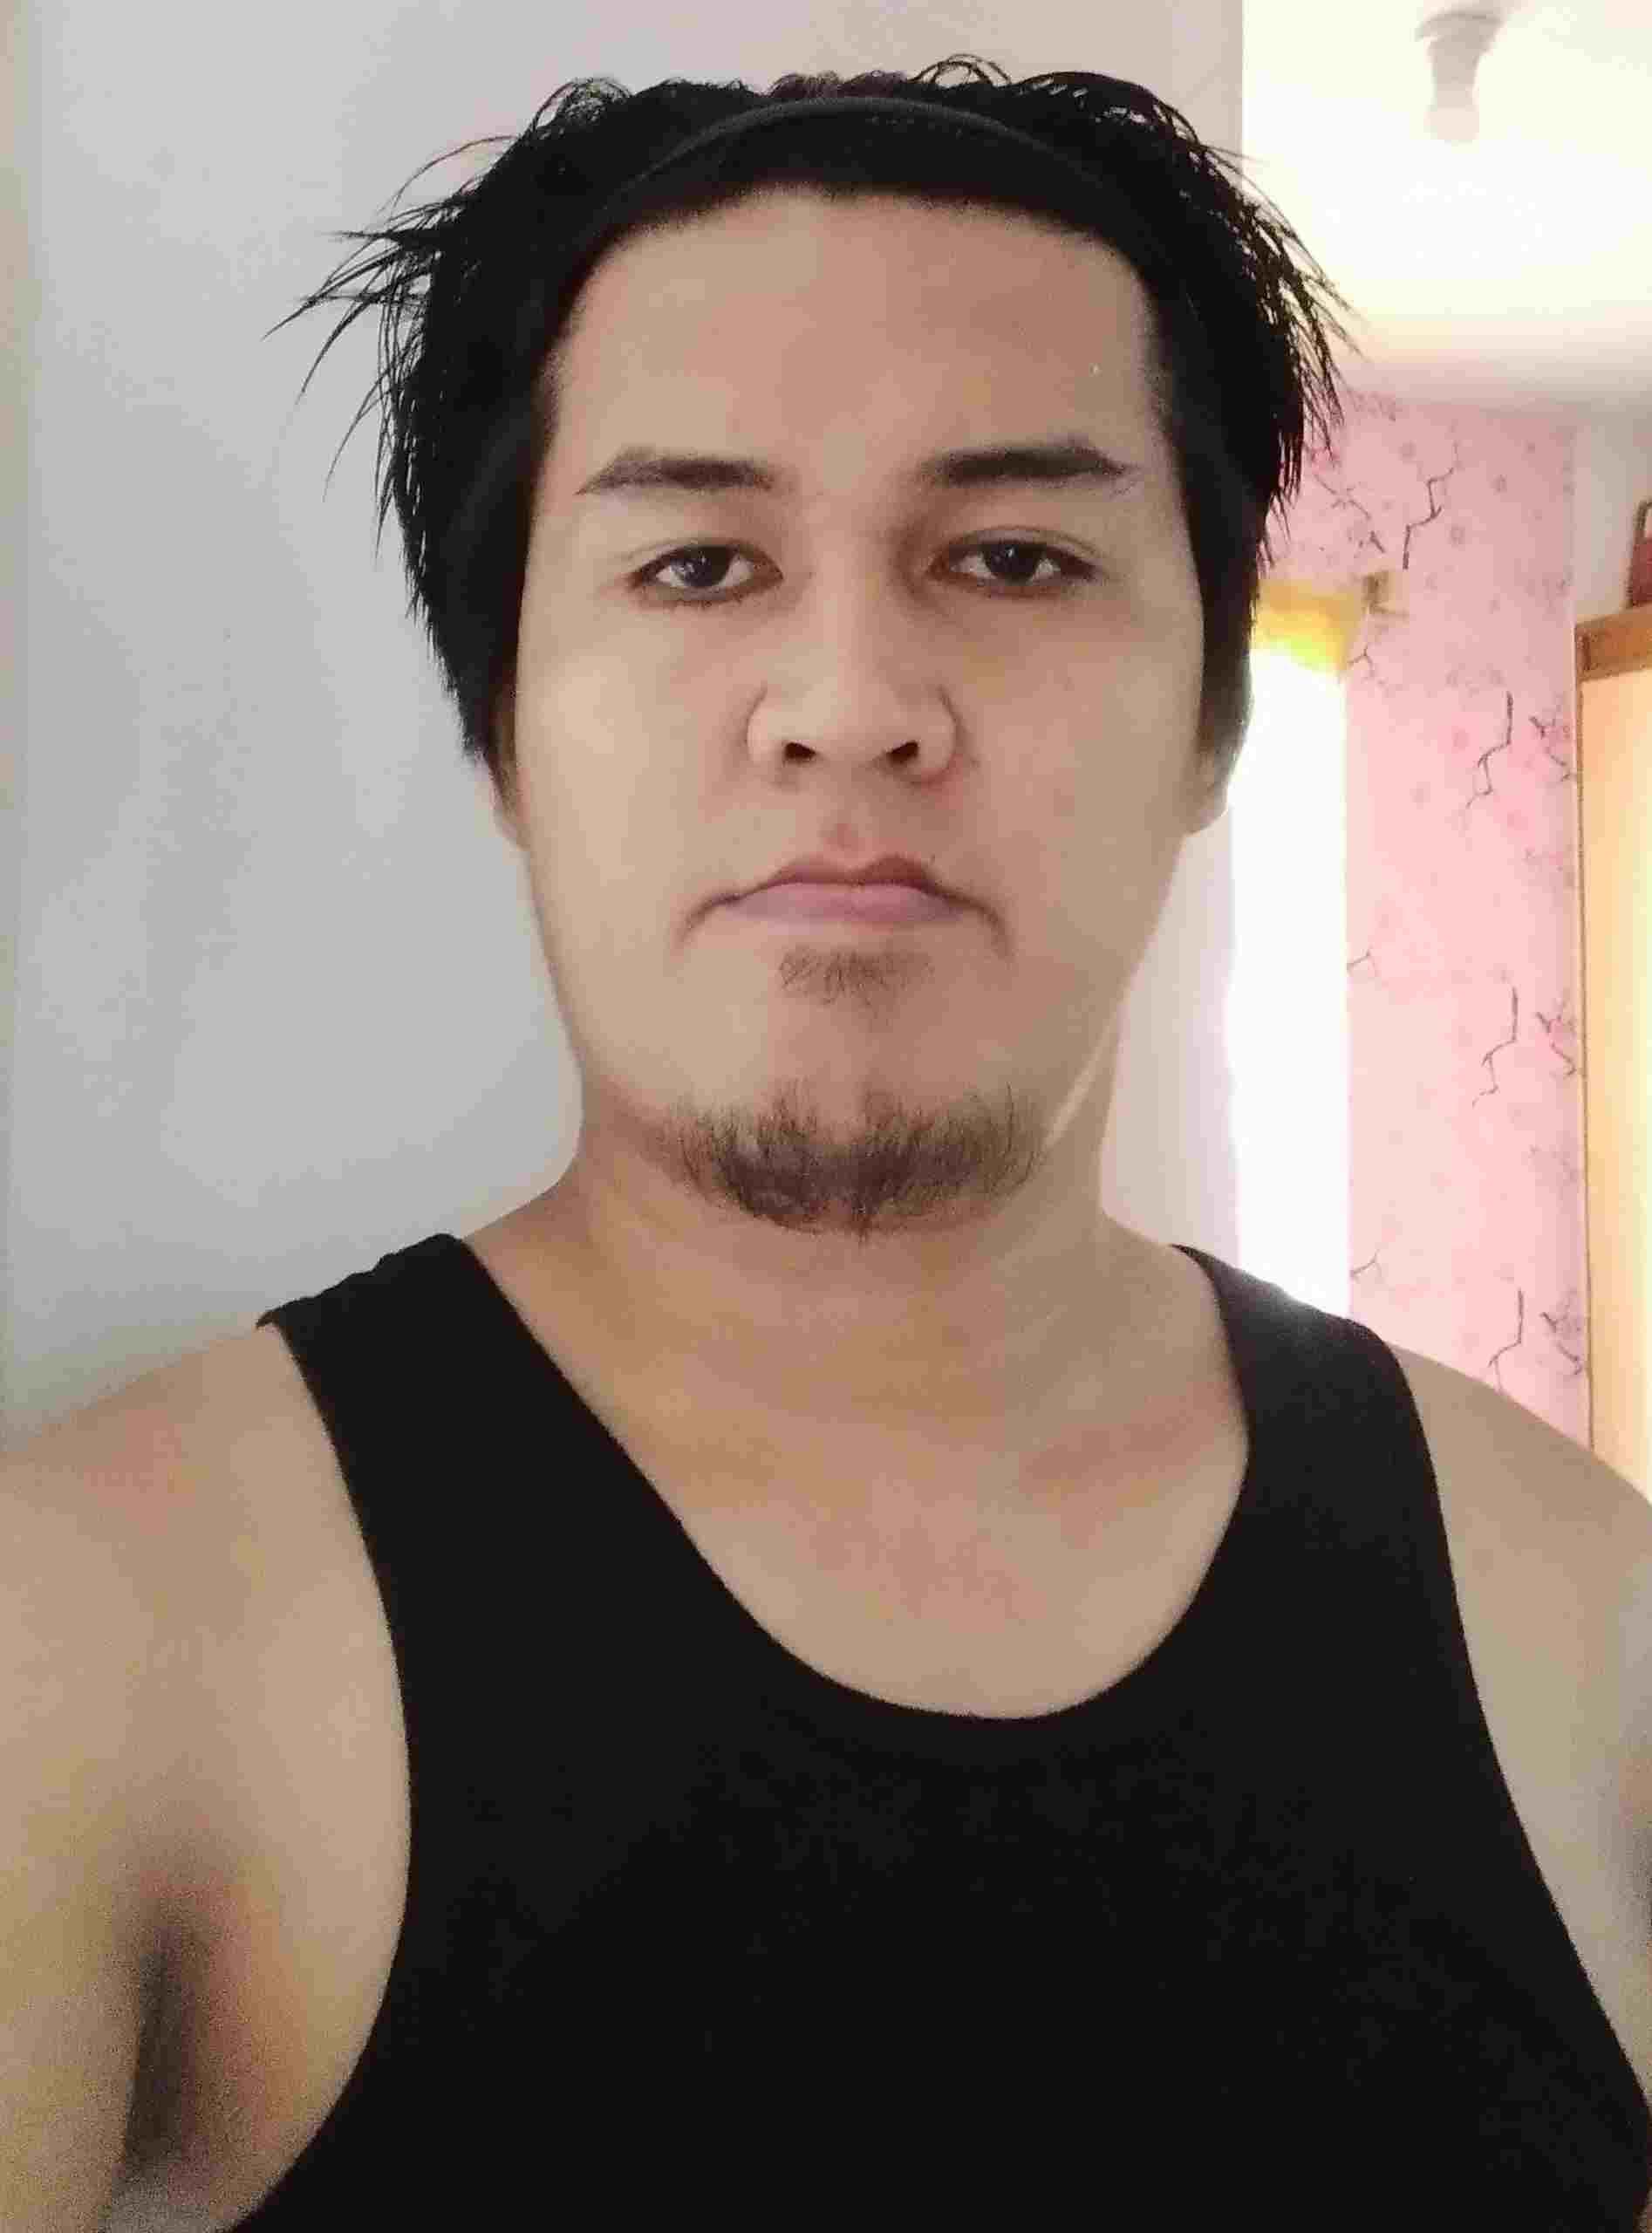 Soy Bertoldo Merino o JakeThMky, tengo 37 años, soy de Castile–La Mancha, ciudad Cuenca